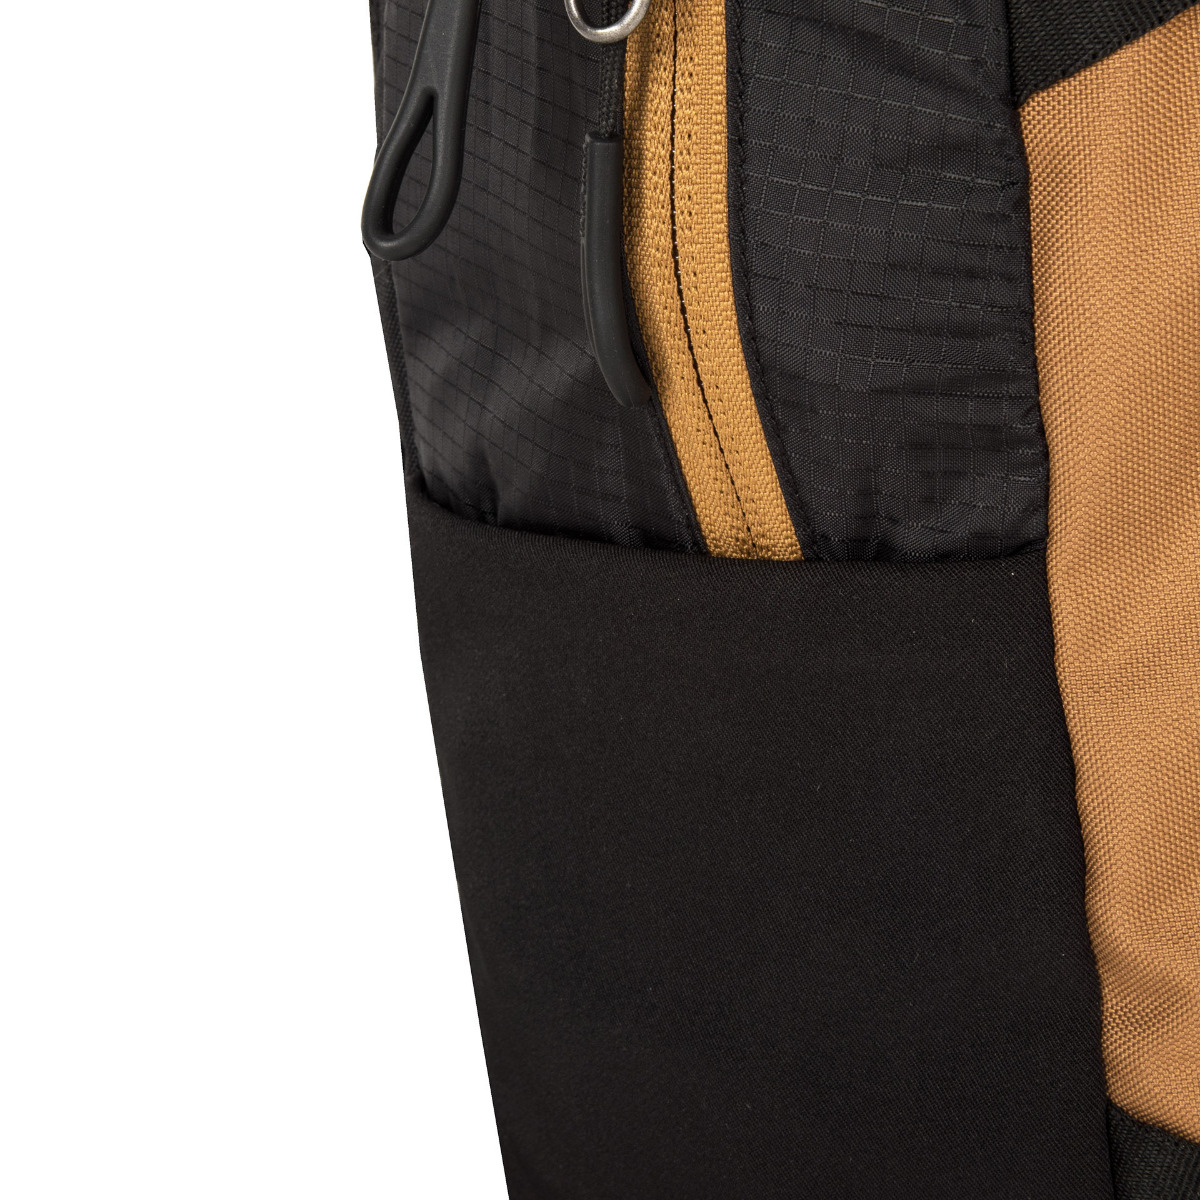 Tatonka Baix 15 Black Tatonka Baix 15 je kompaktný batoh vyrobený z pevného a odolného materiálu.